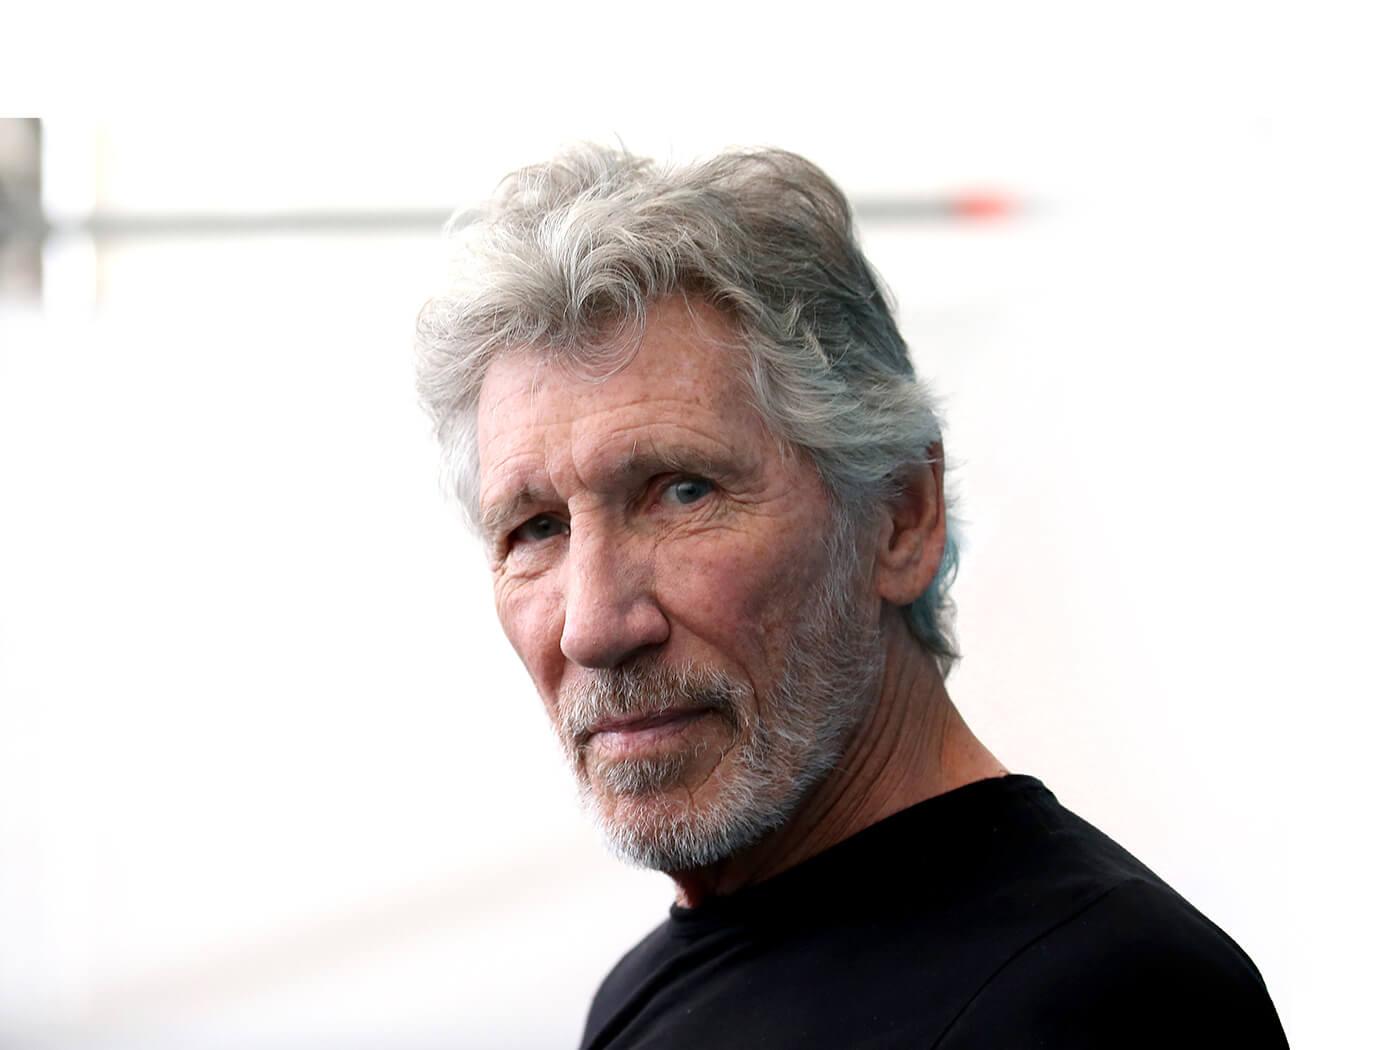 Roger Waters reignites Pink Floyd feud